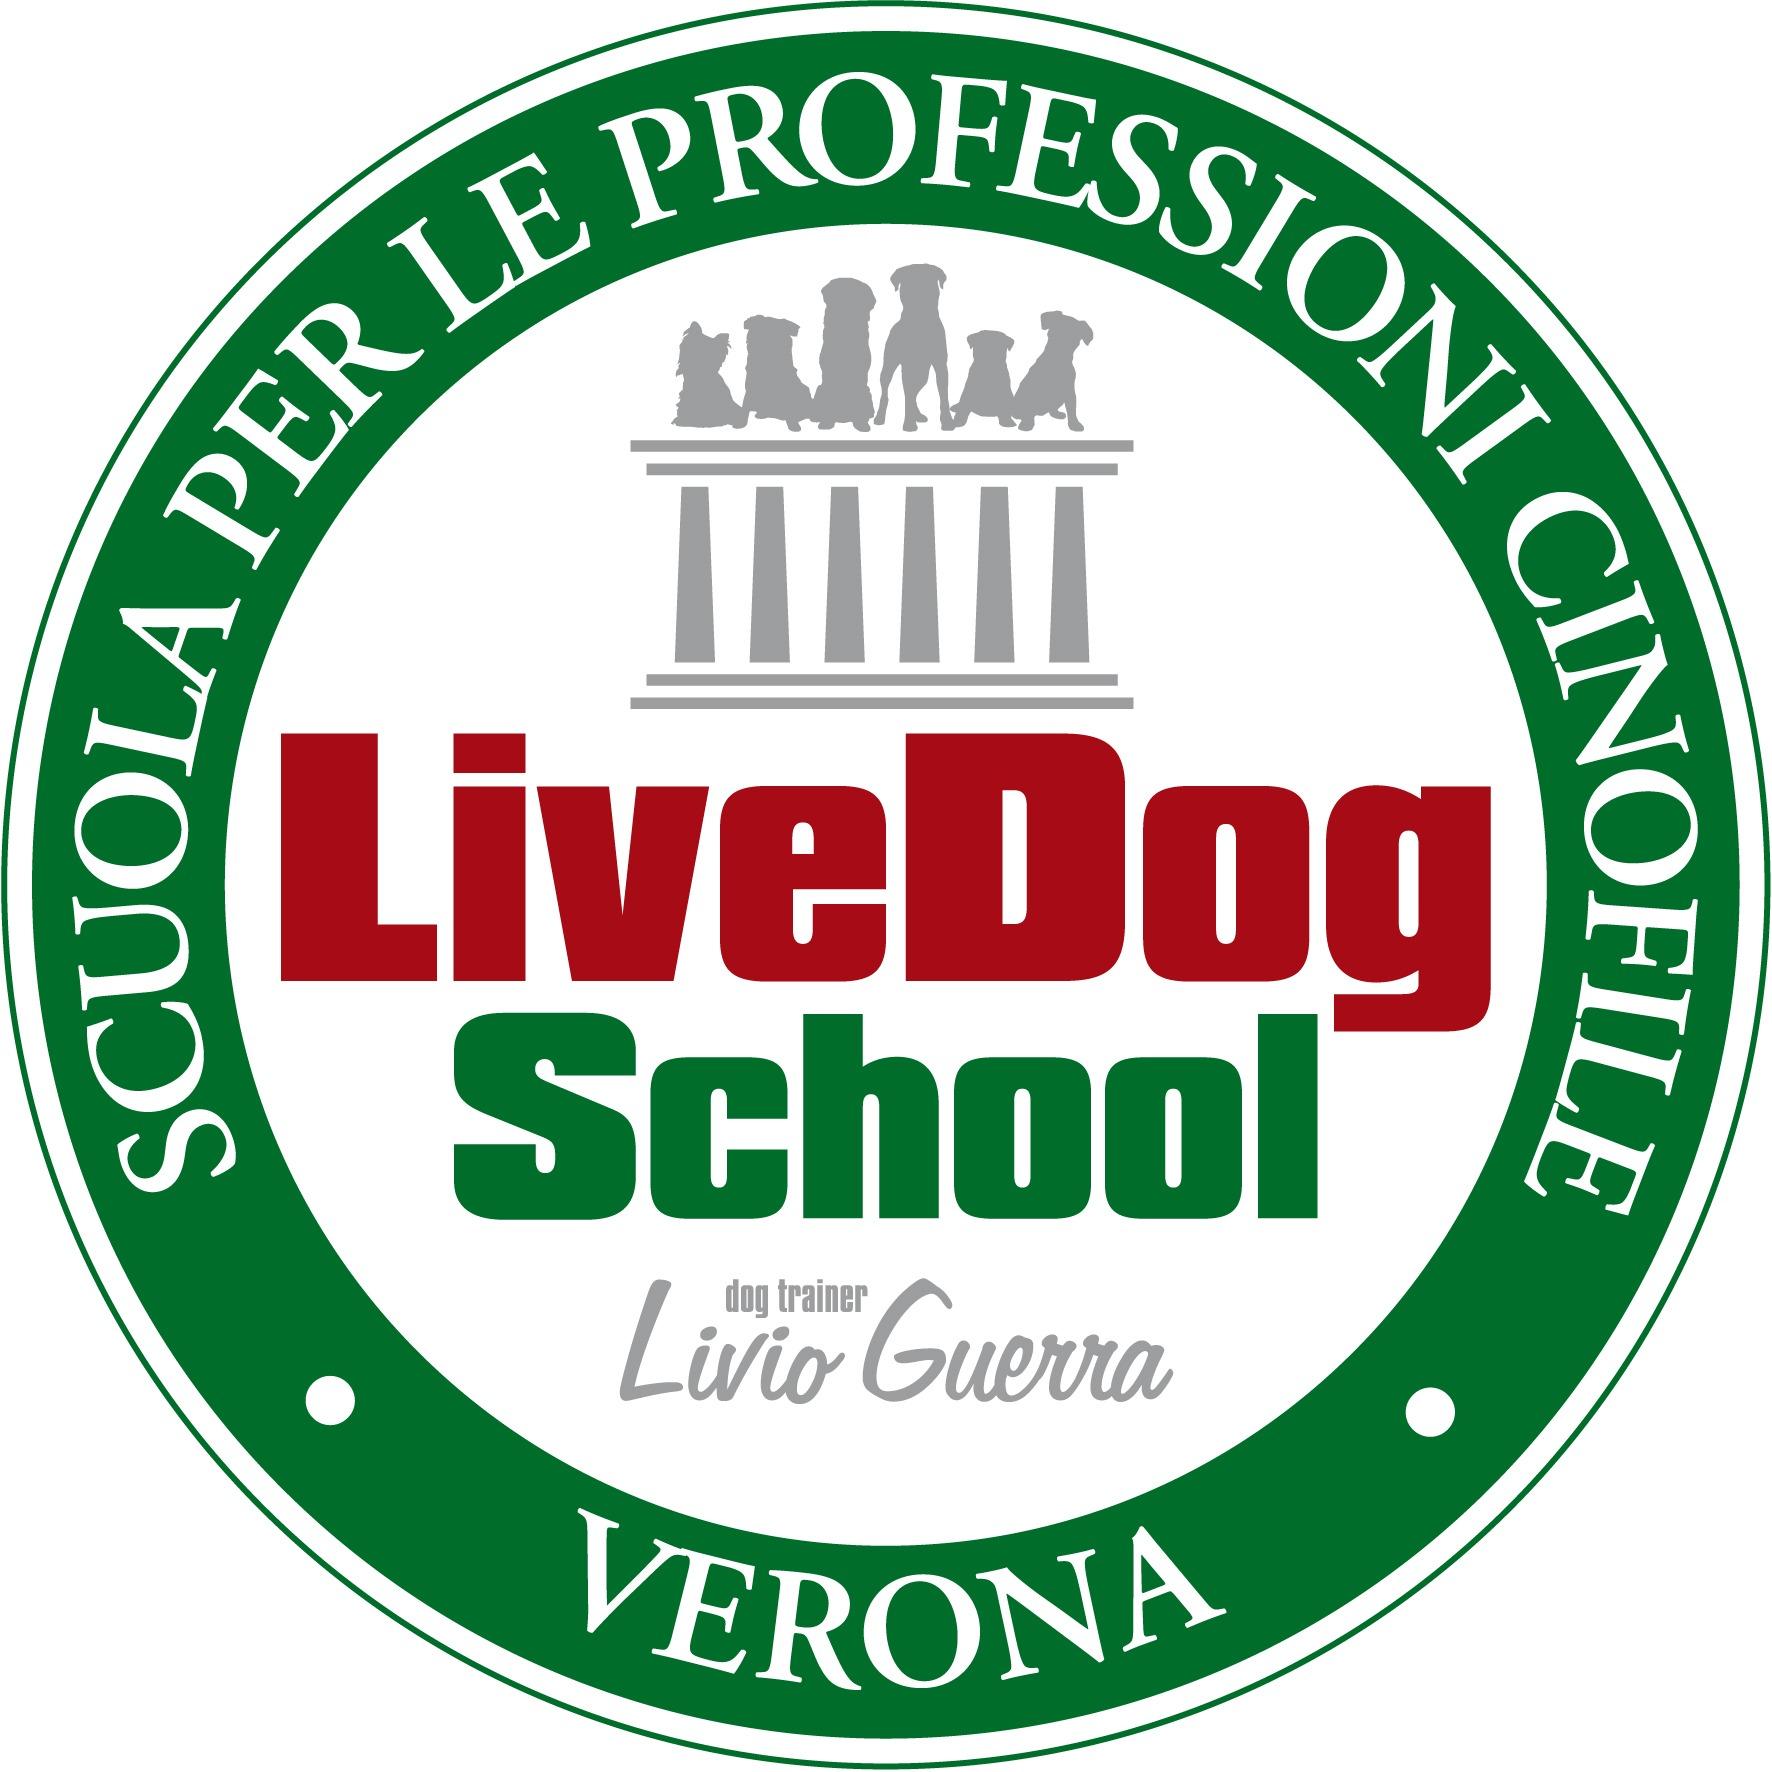 Vieni all'Open Day il 6 ottobre: scoprirai tutti i corsi della LiveDog School!